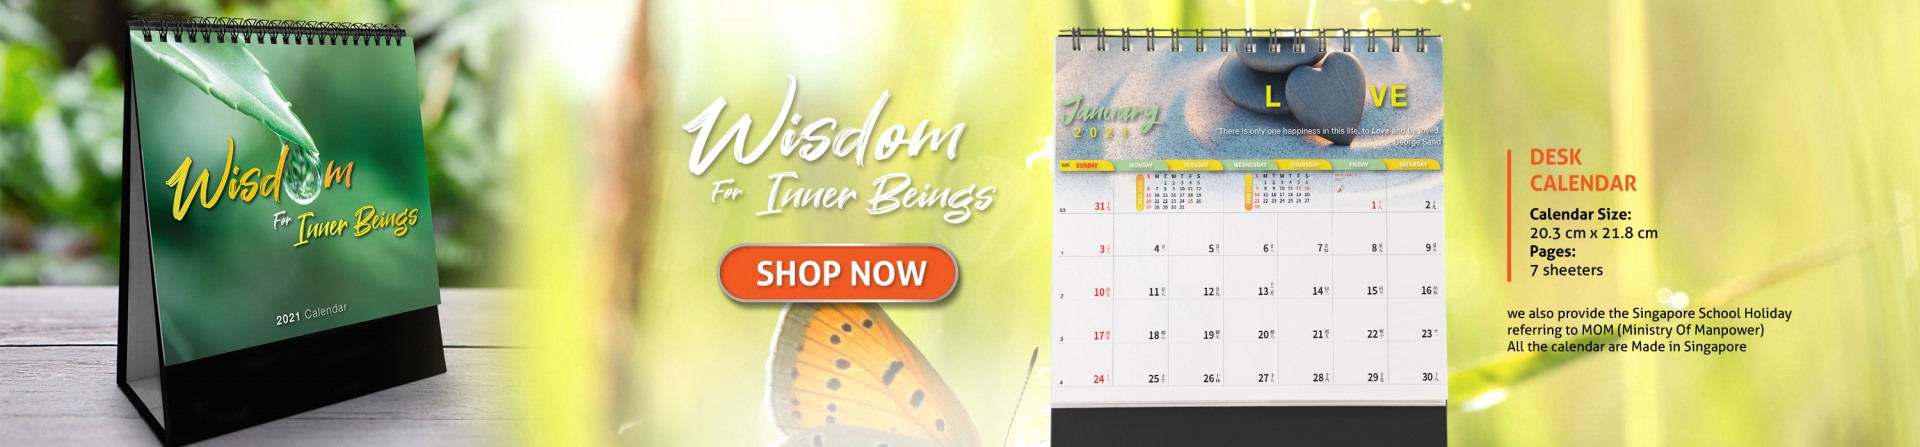 Wisdom Retail Banner